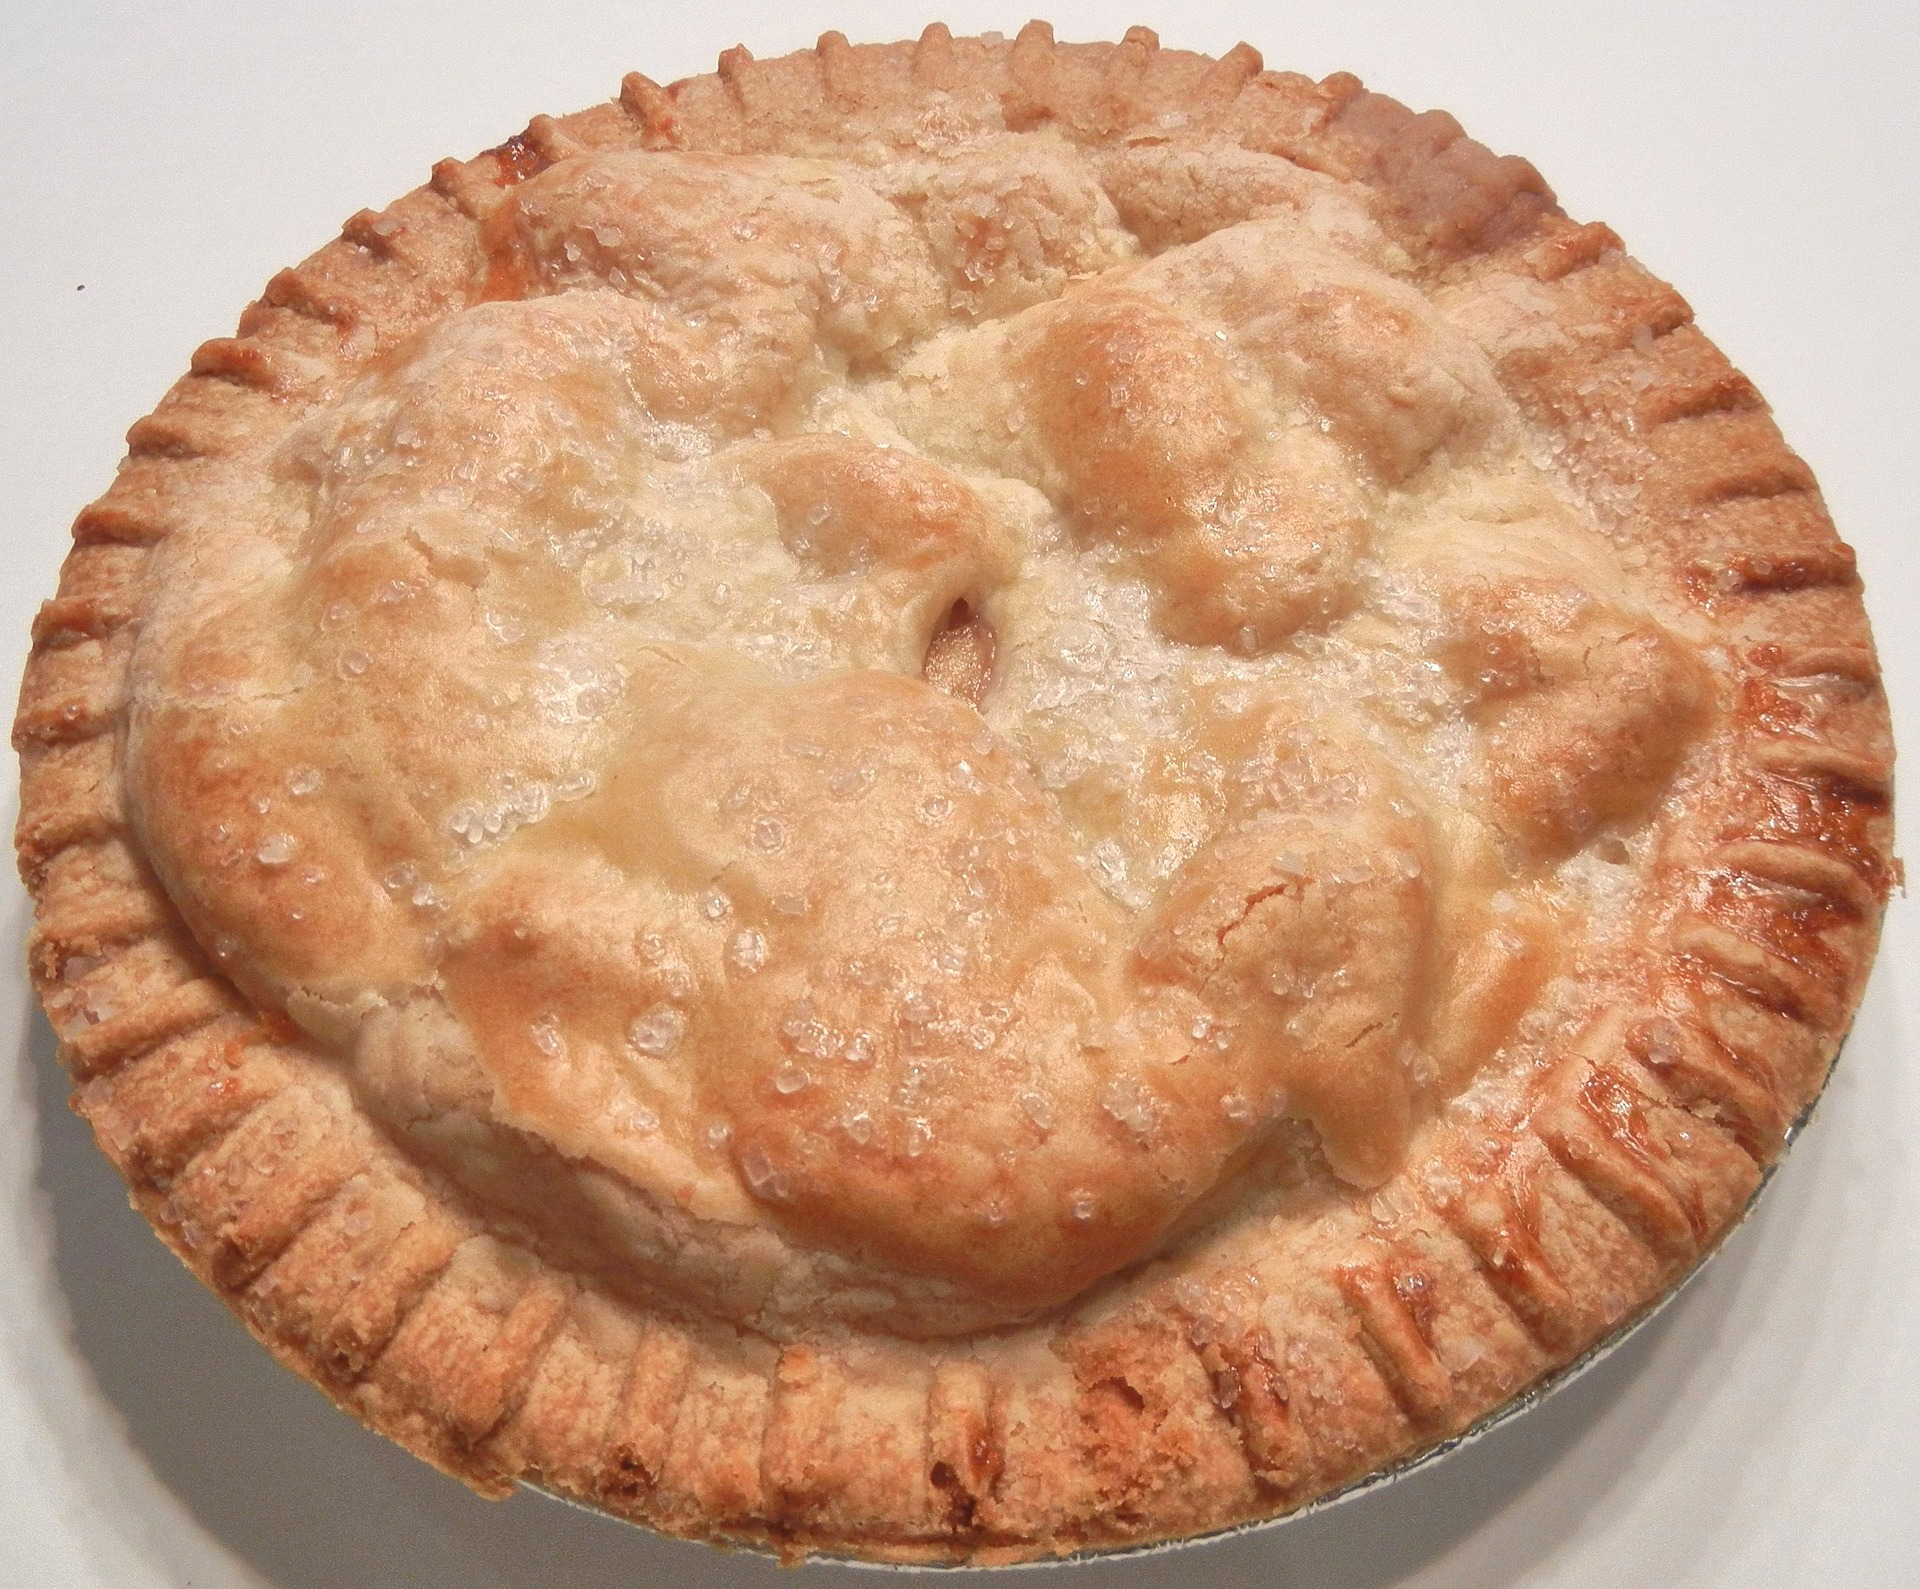 apple-pie-702719_1920.jpg